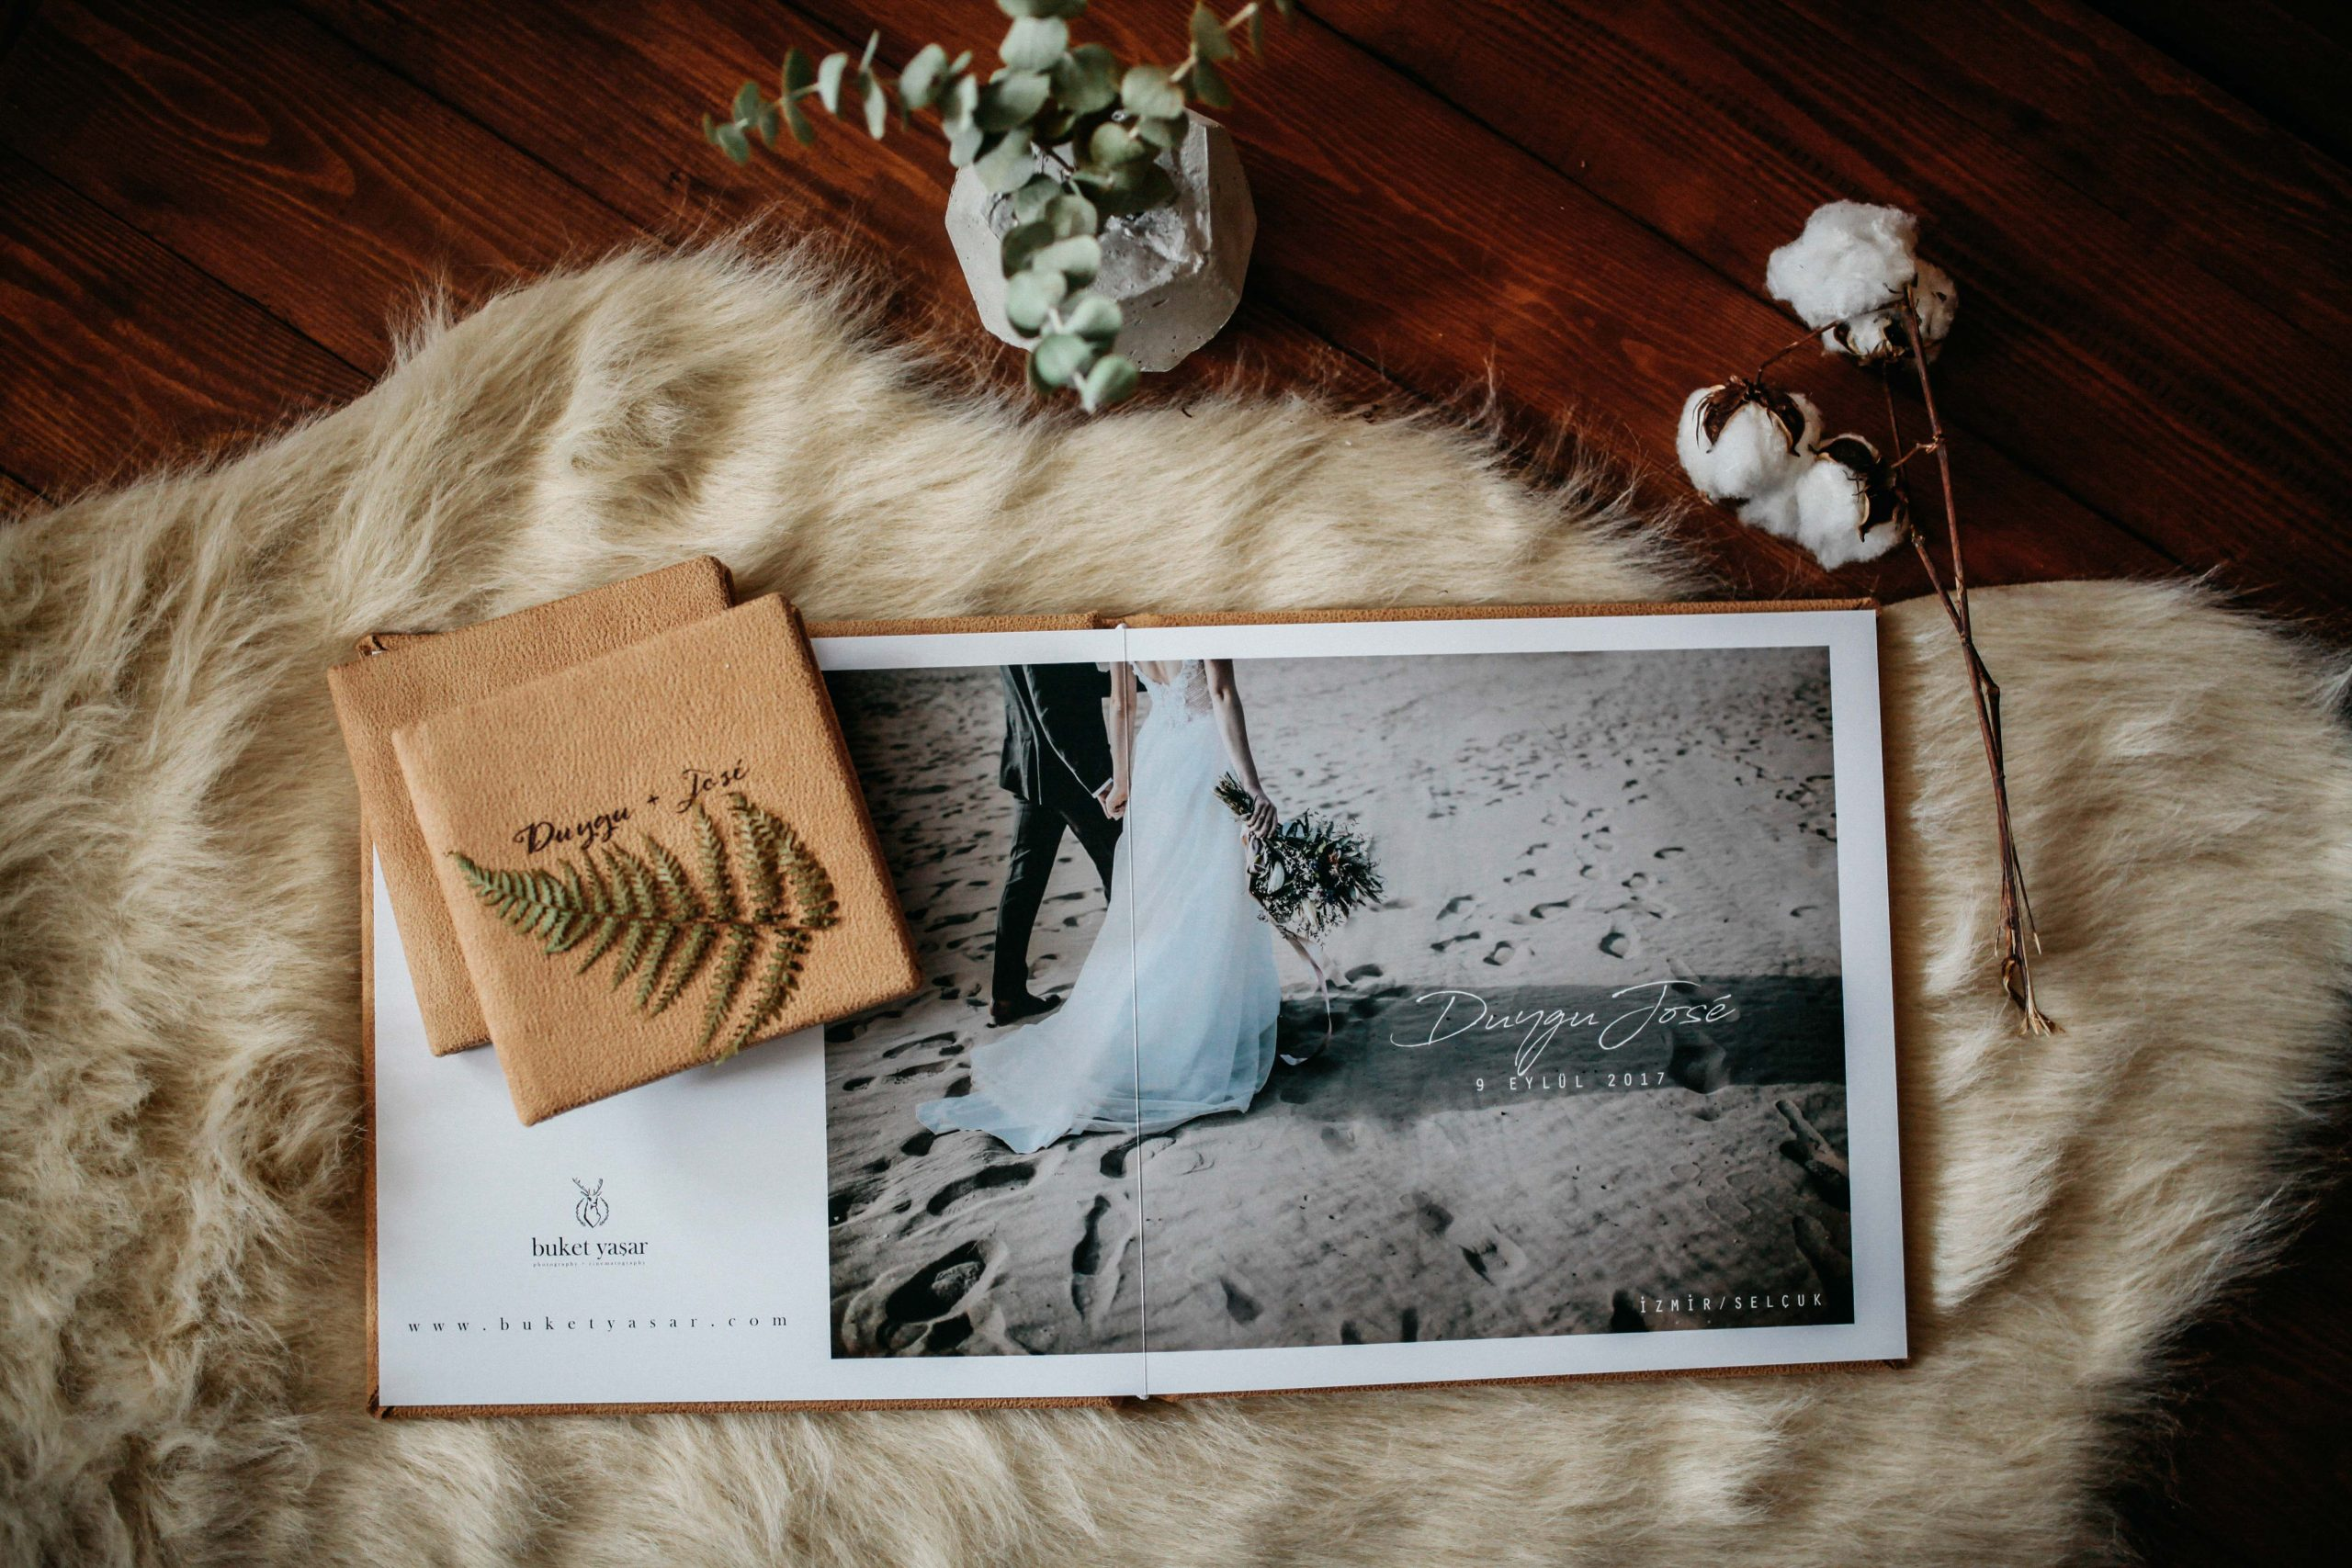 düğün albüm fotoğrafları